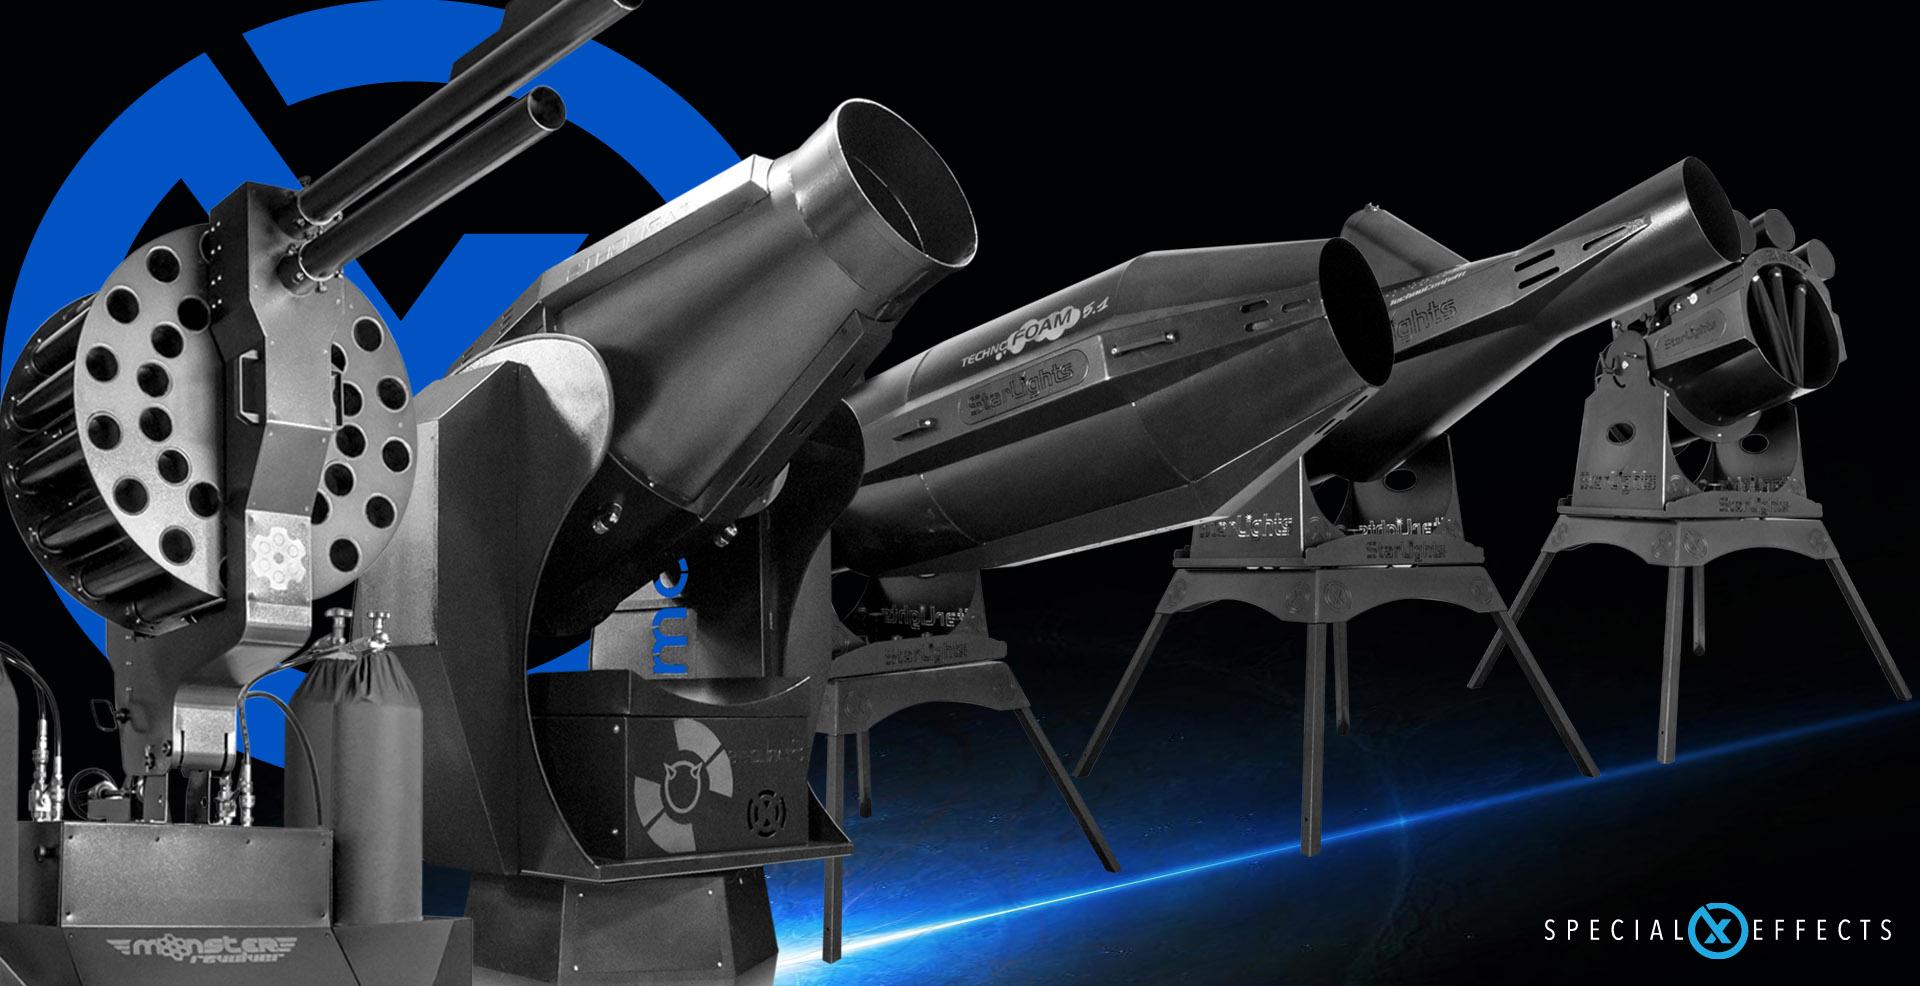 Starlights Macchine Effetti Speciali